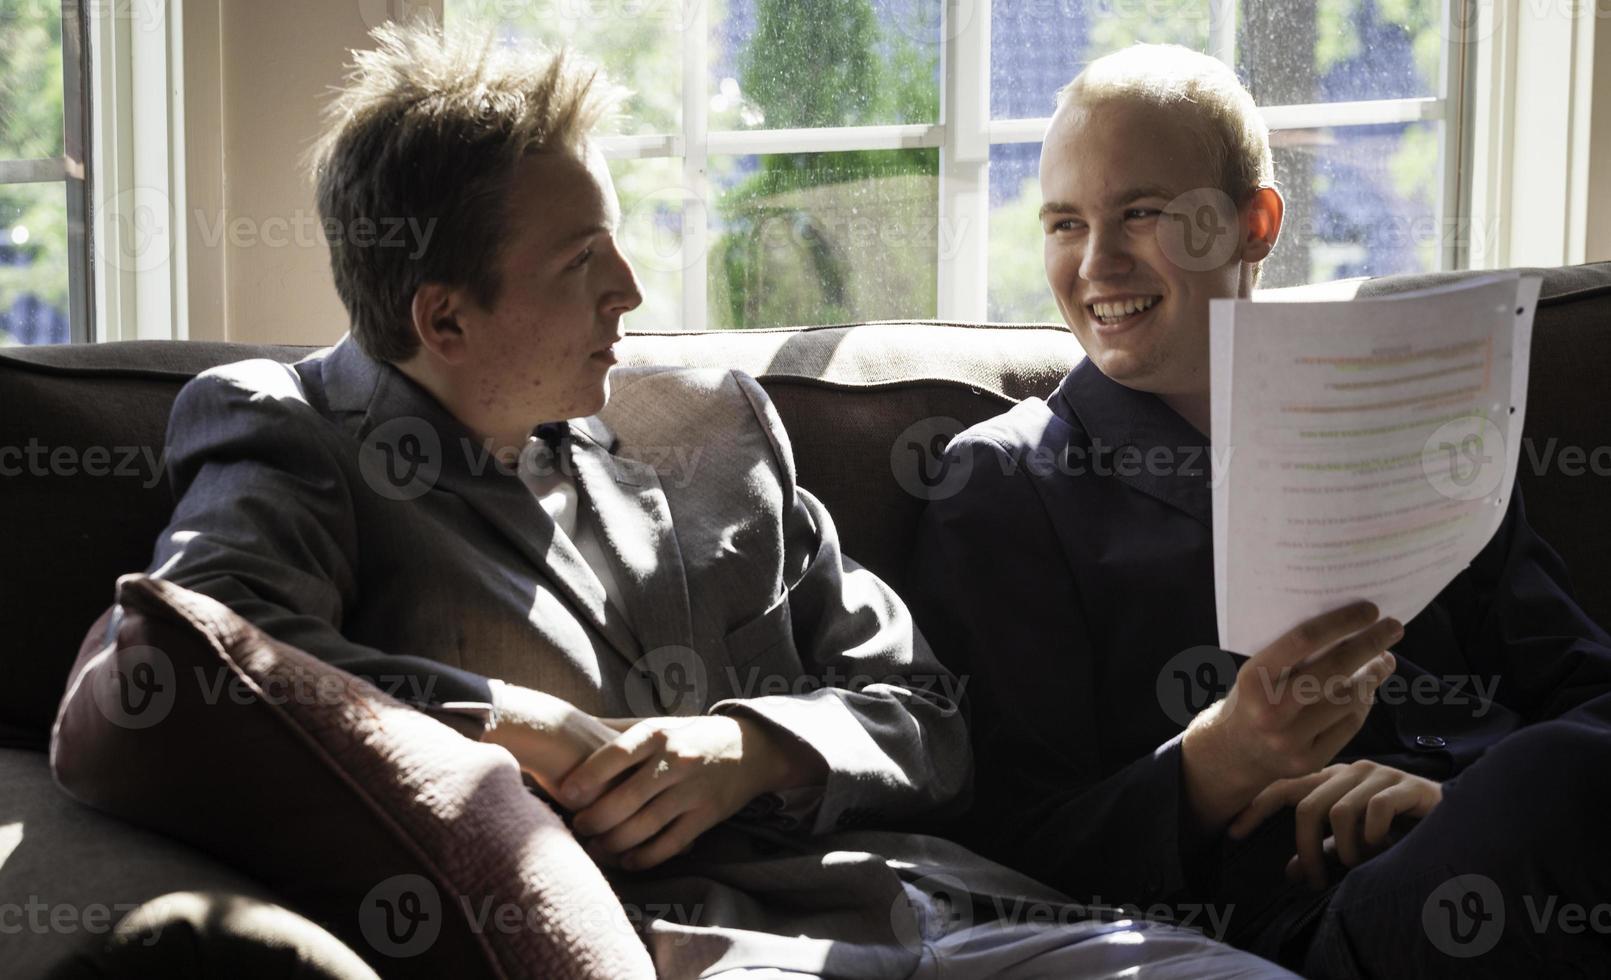 två unga vuxna som har kul under tiden förklarar de ett papper foto